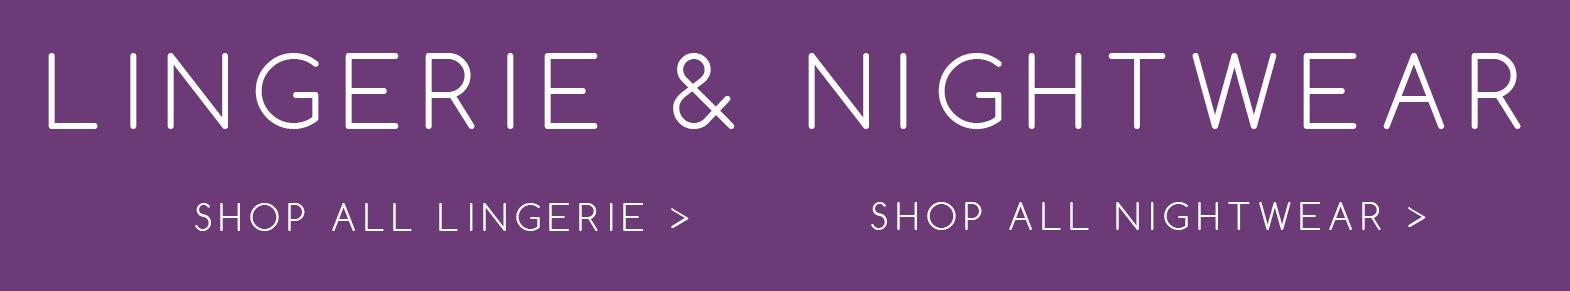 Shop Lingerie & Nightwear >